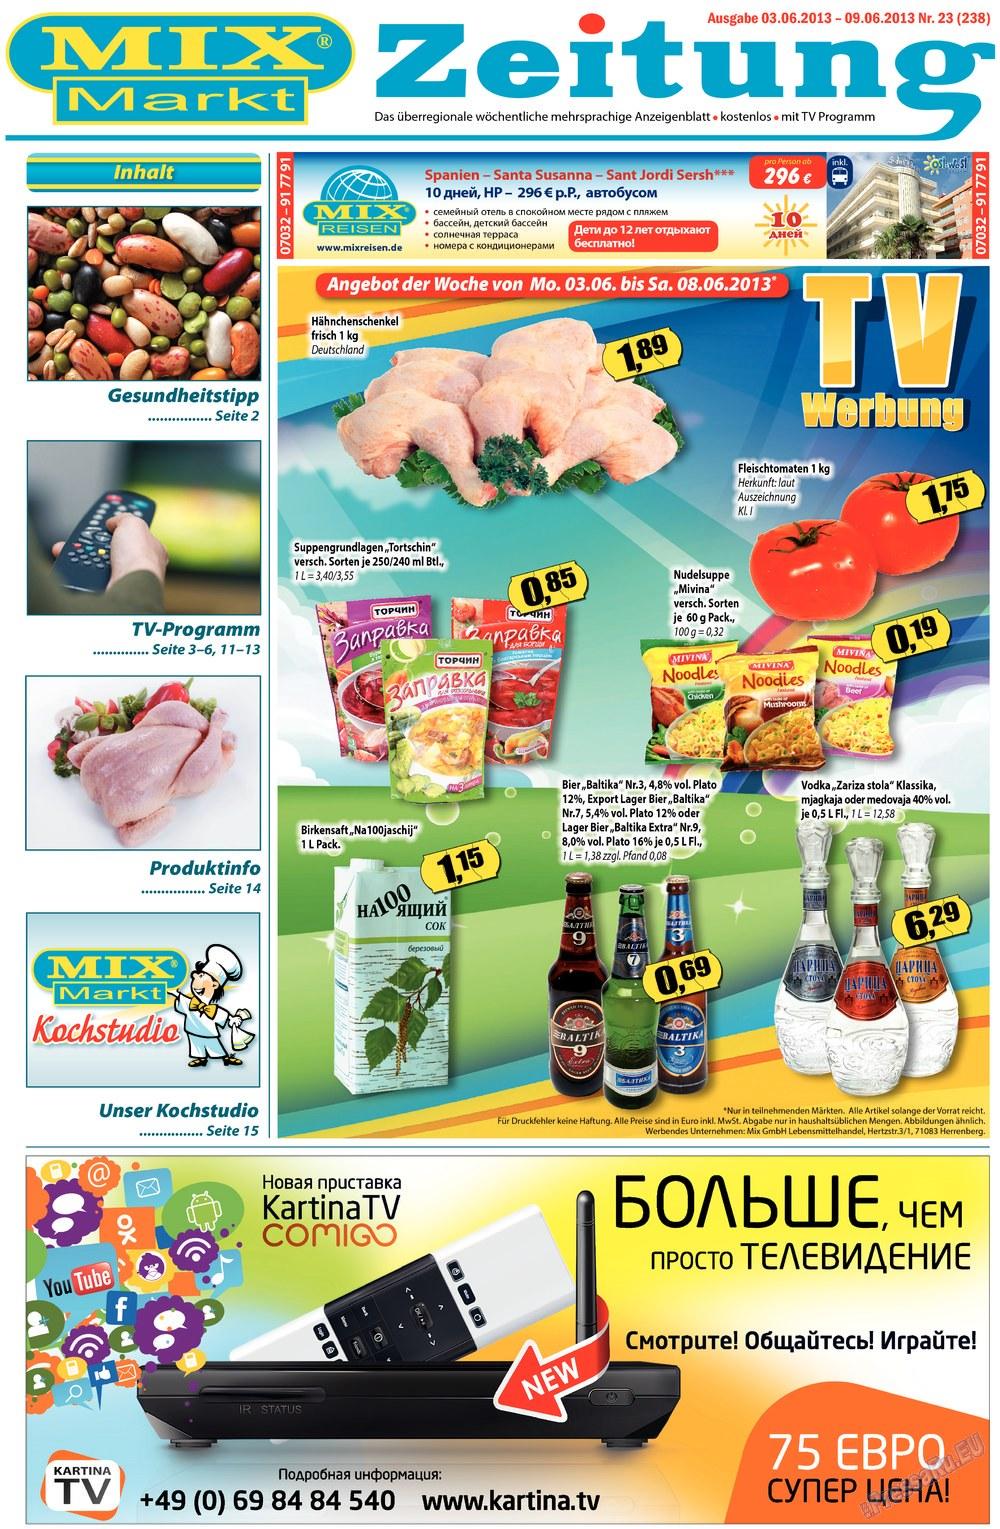 MIX-Markt Zeitung (газета). 2013 год, номер 23, стр. 1